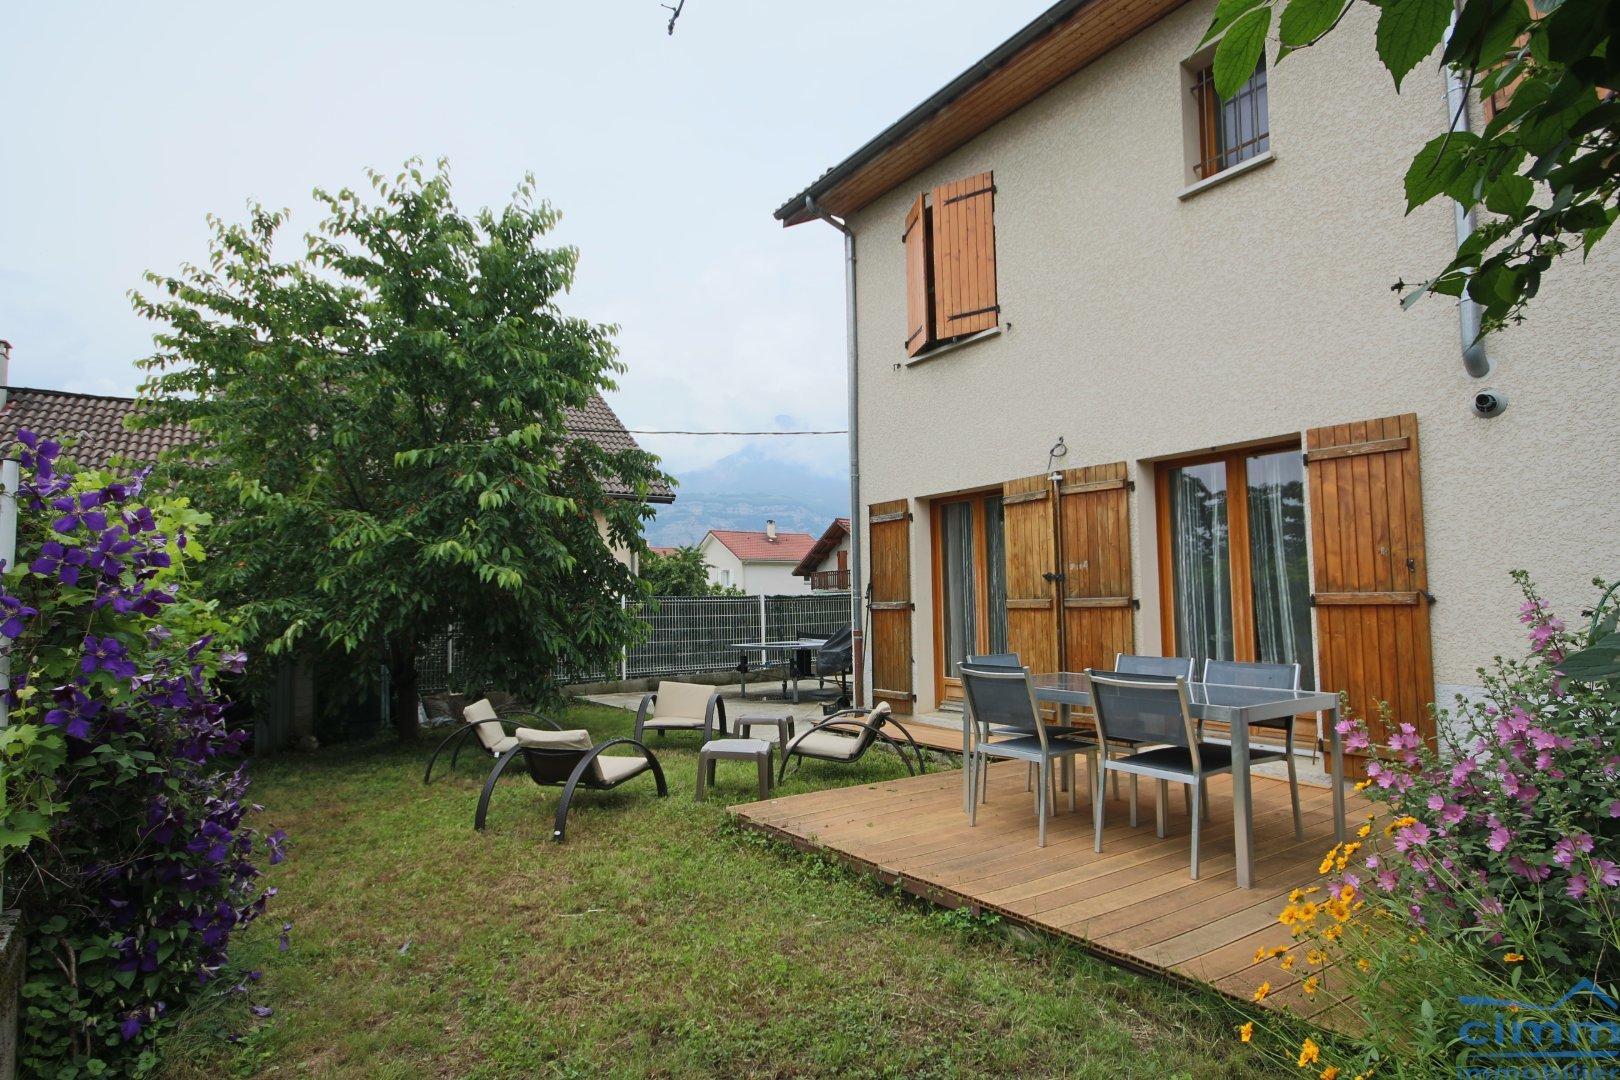 Maison 5pièces 102m² à Villard-Bonnot